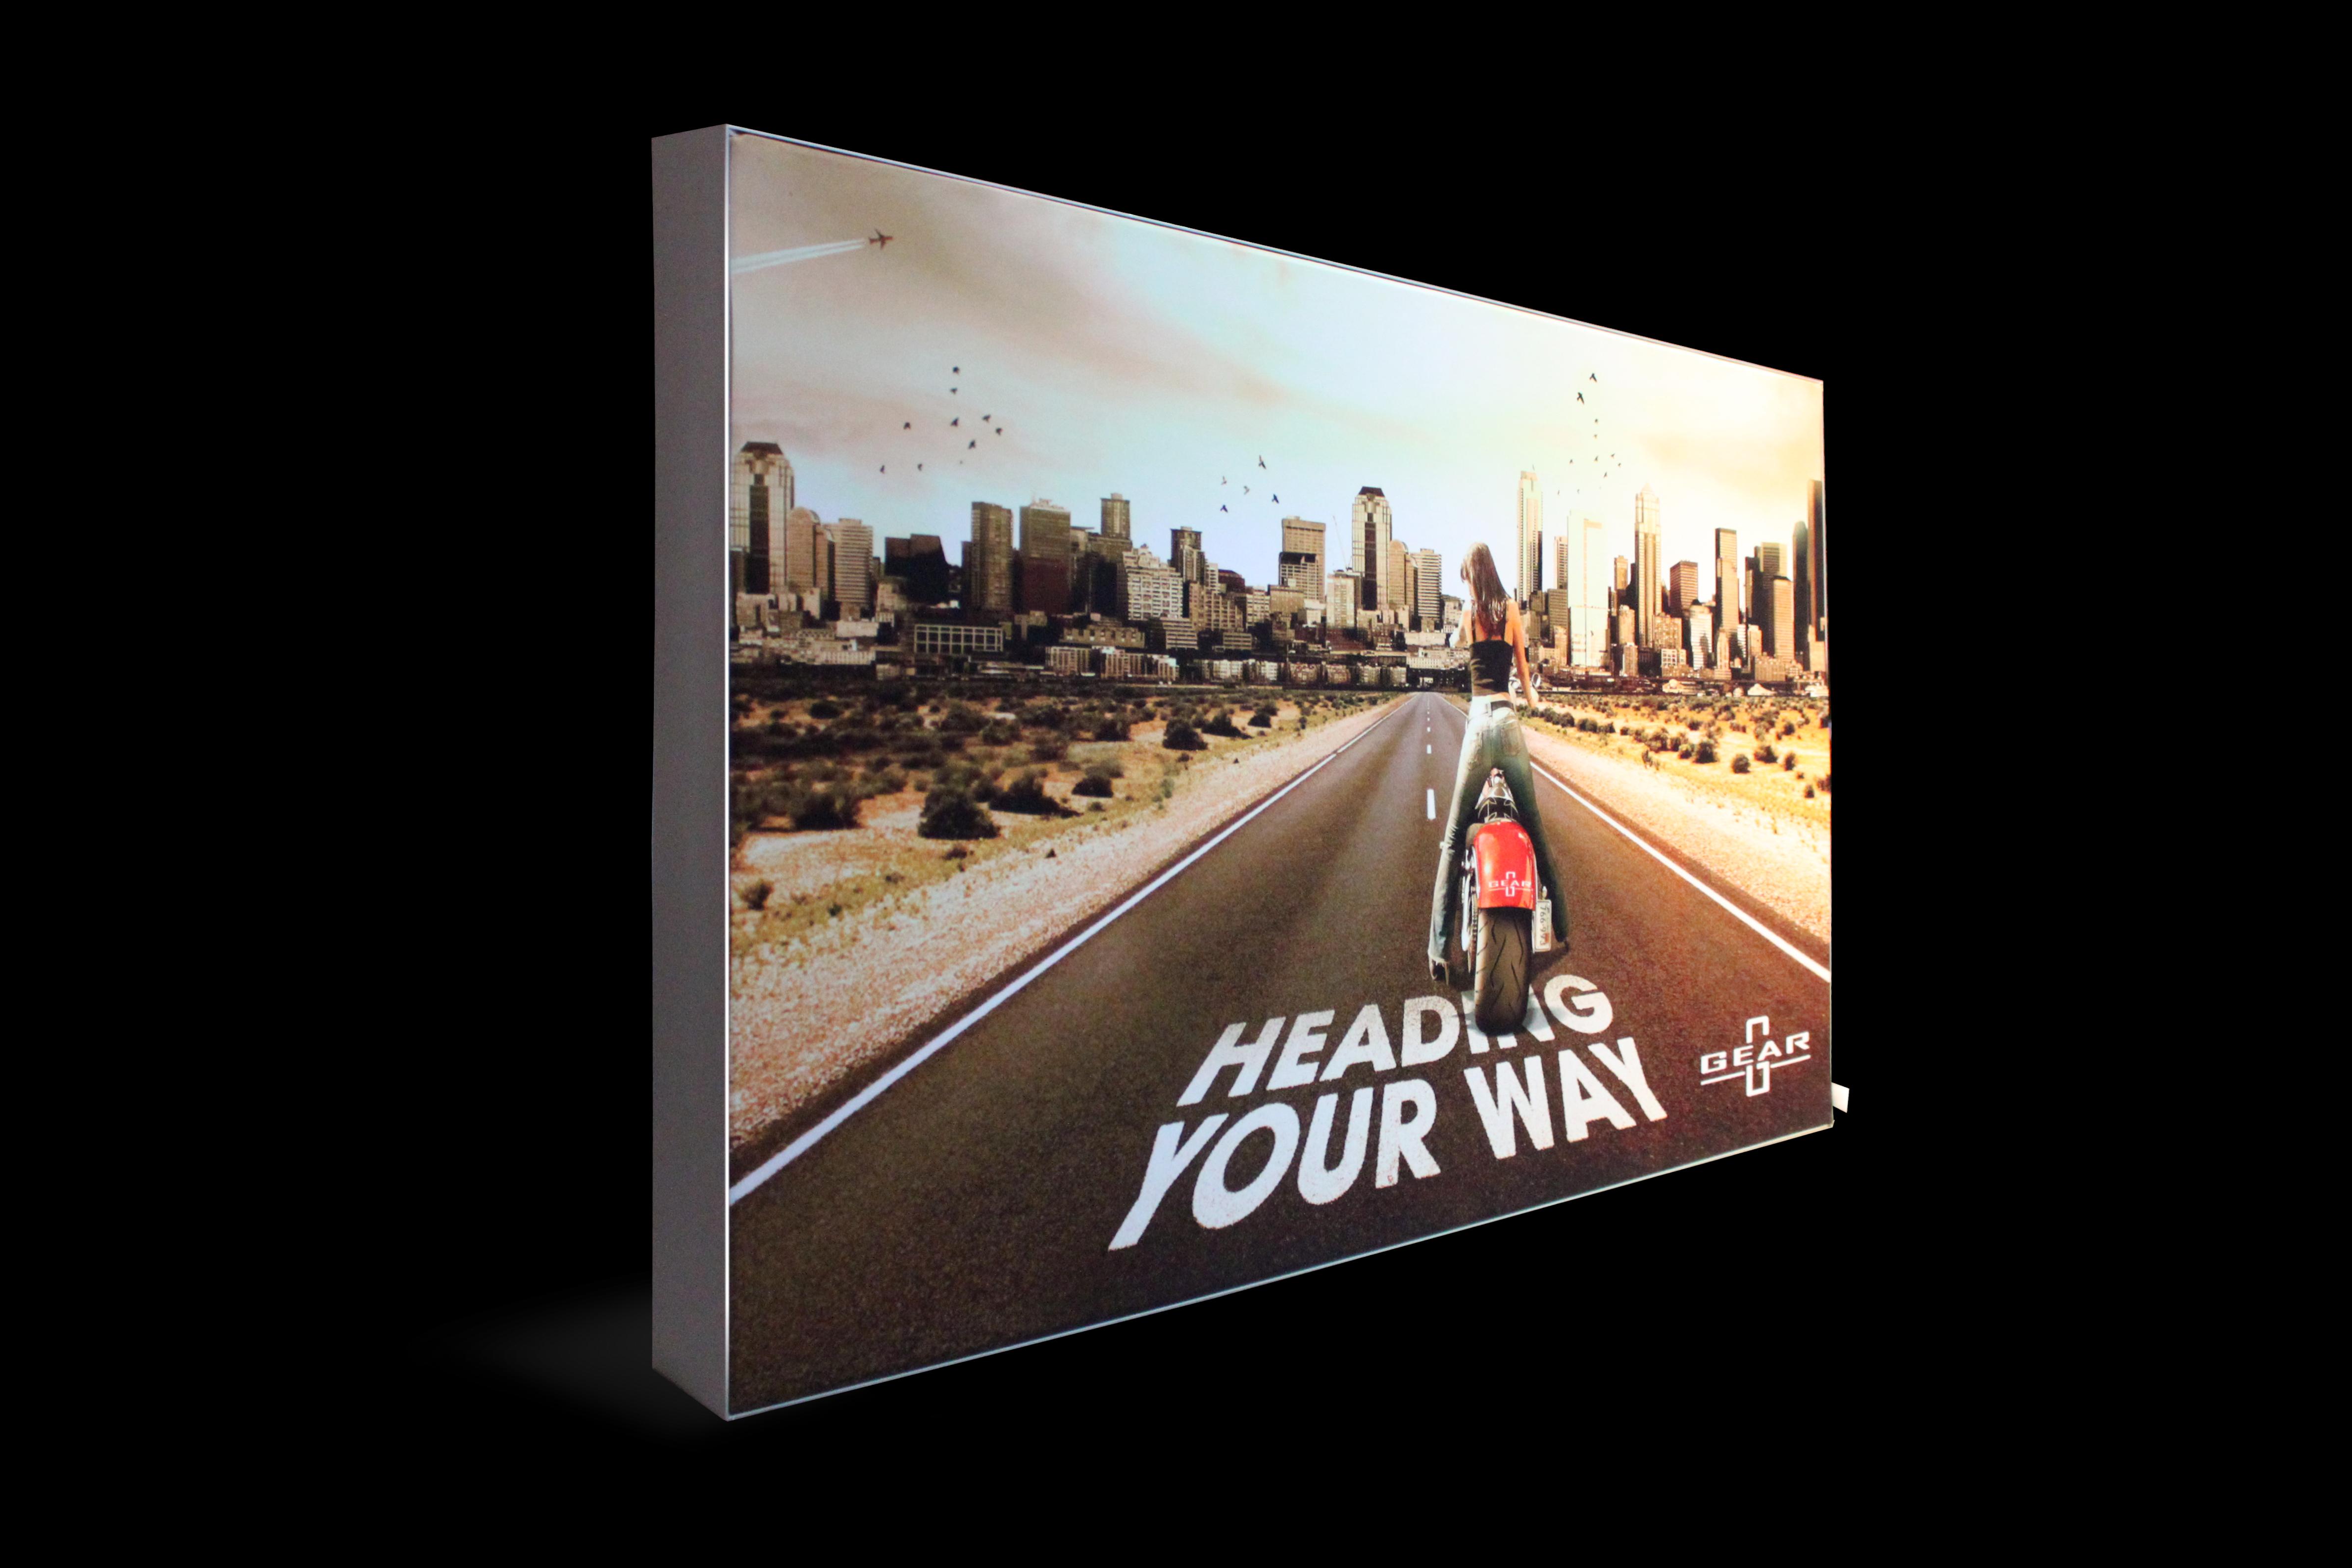 diy advertising led frameless light box design,Welcome to